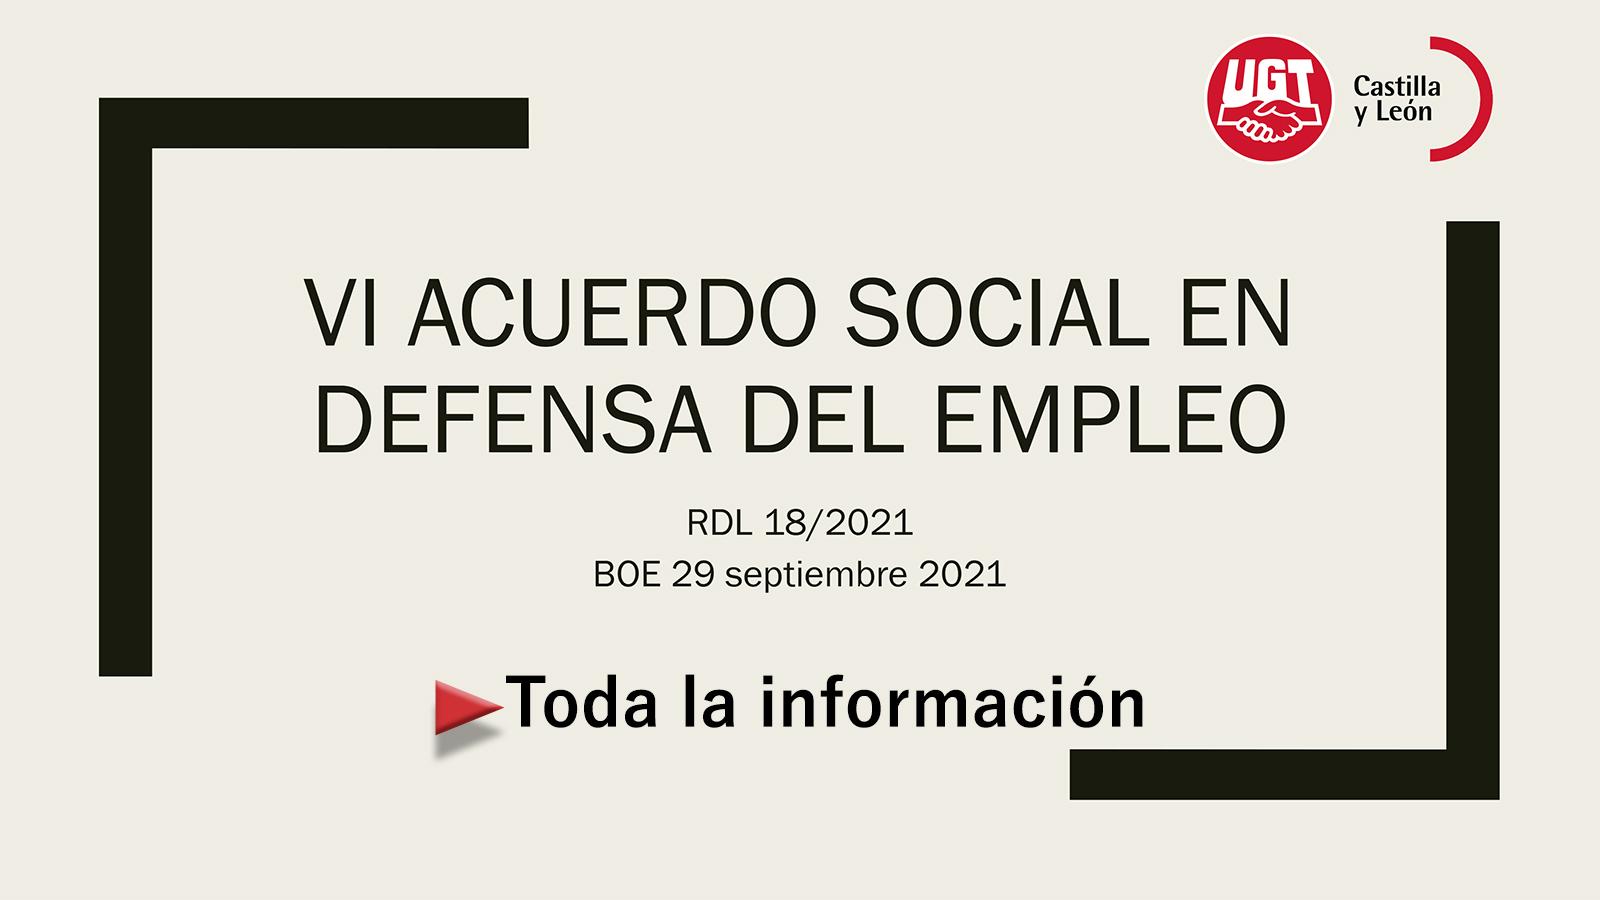 VI Acuerdo Social en Defensa del Empleo